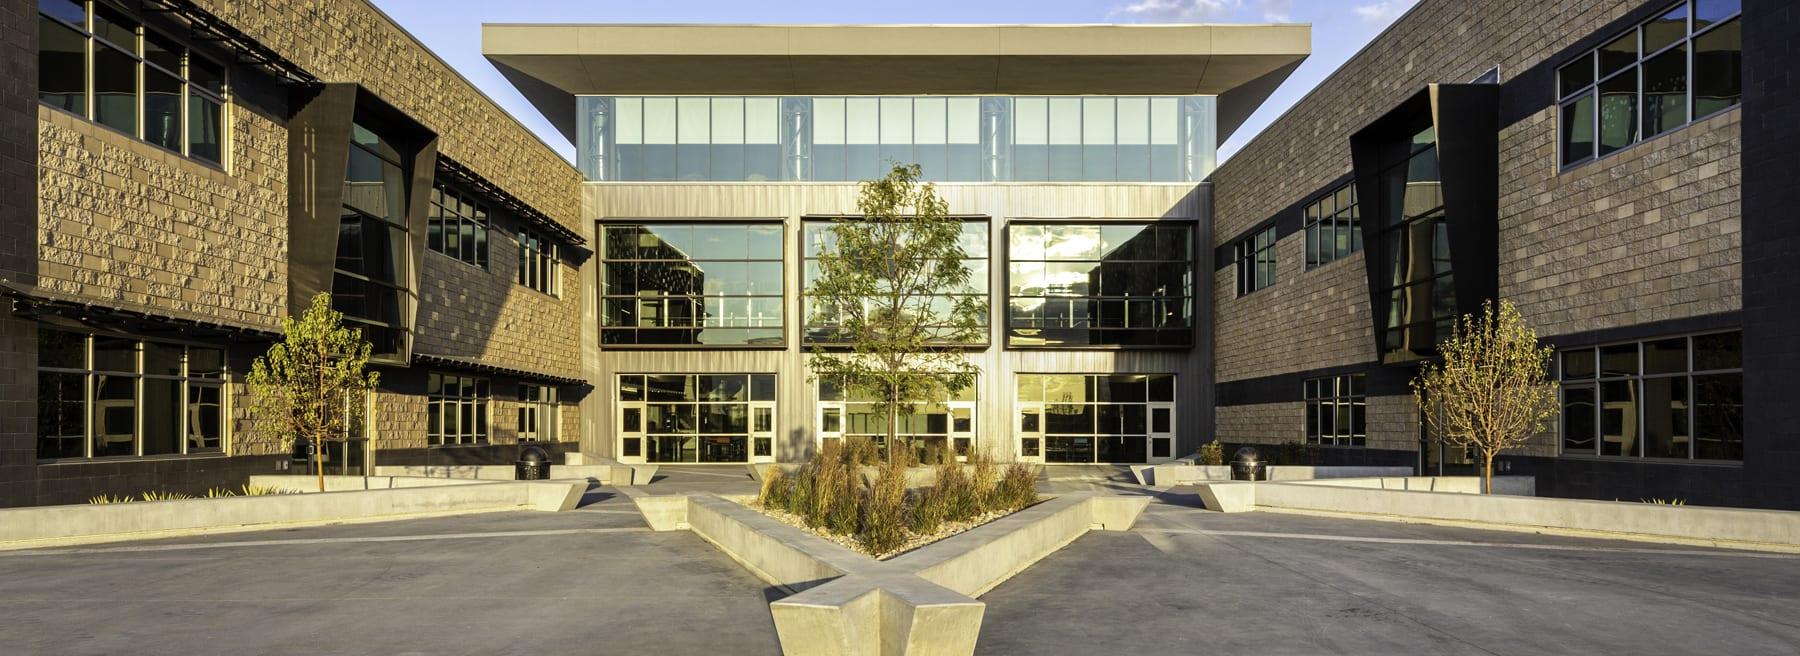 Home - Shoreline Junior High School